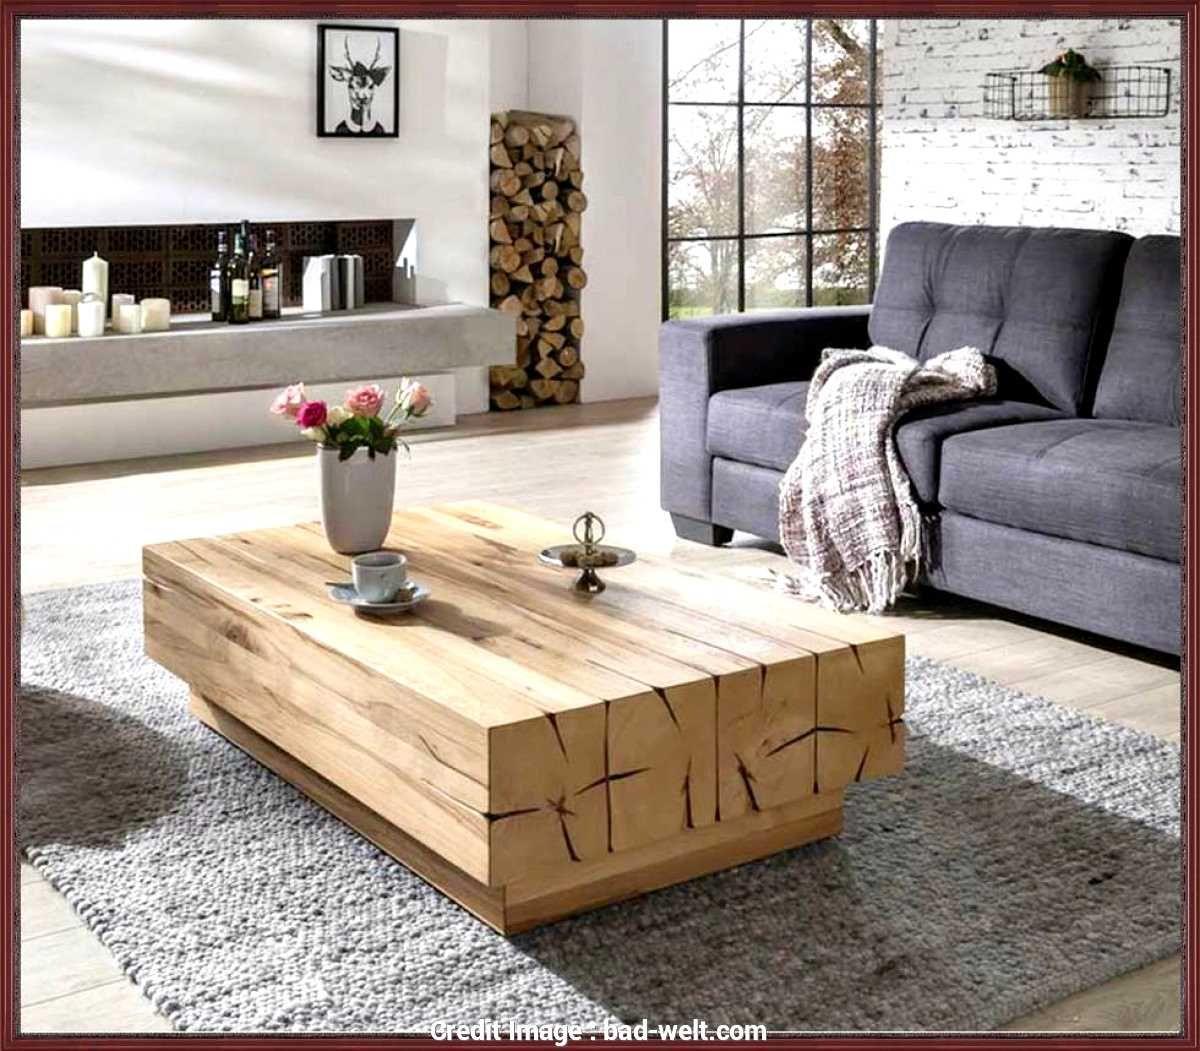 Full Size of Sofa Selber Bauen Welches Holz Ikea Couch Polsterung Anleitung Holzpaletten Lounge Aus Paletten Matratzen Pdf Obi 16 Neu Sofort Lieferbar Schillig Hocker 3er Wohnzimmer Sofa Selber Bauen